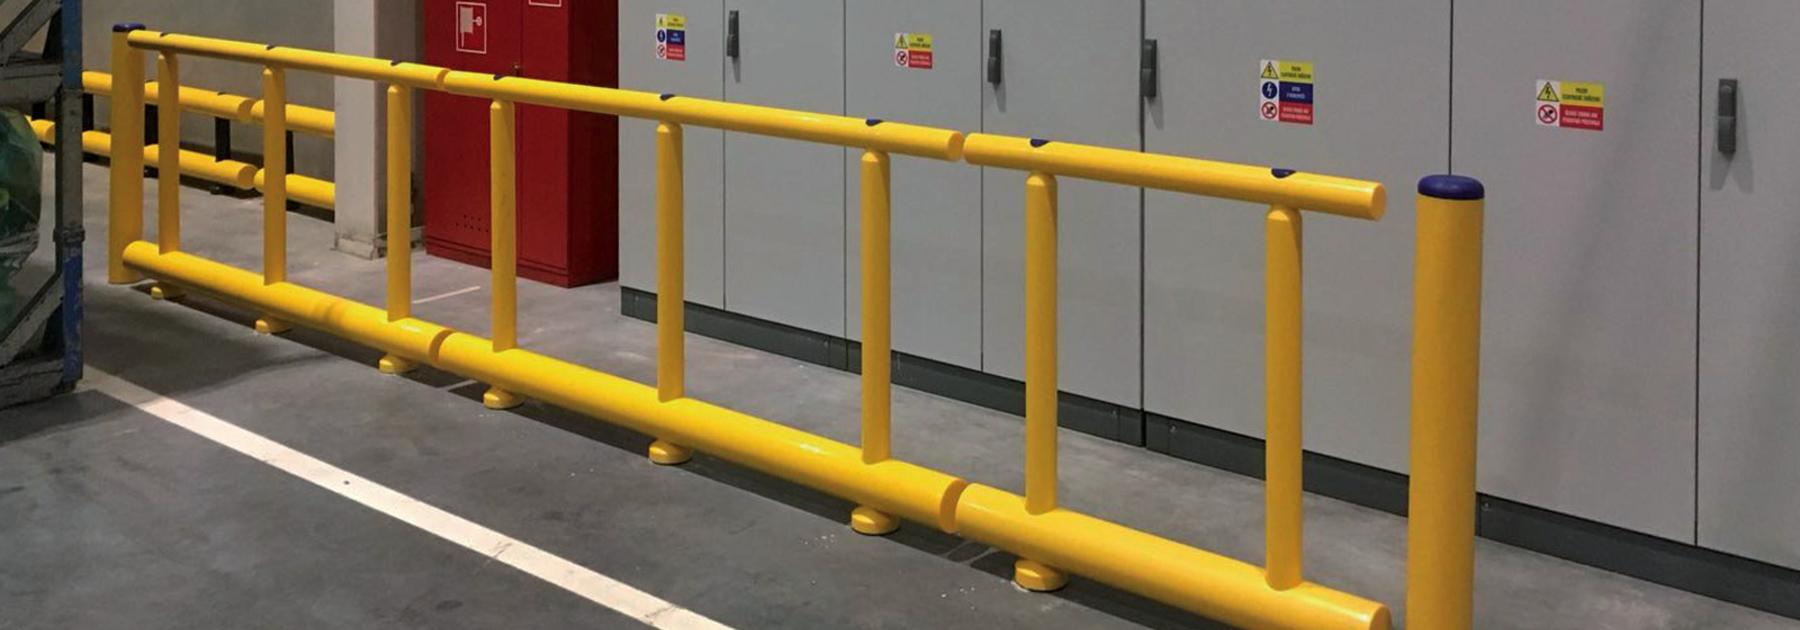 Pedestrian Guard Rails